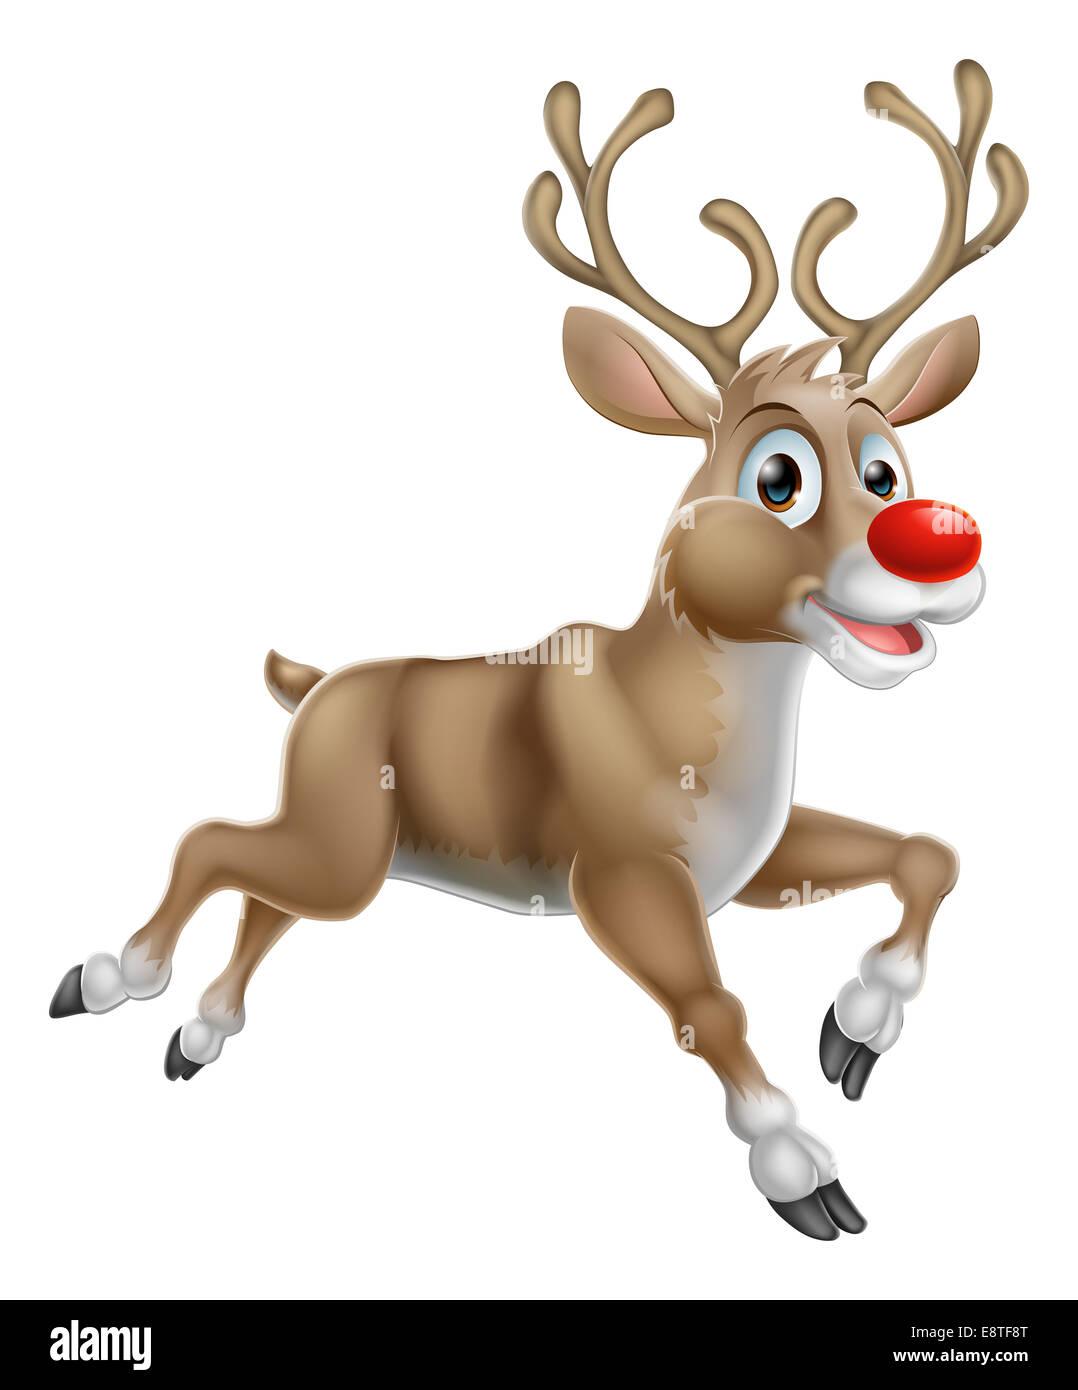 One of Santas Cute Christmas Cartoon Reindeer - Stock Image